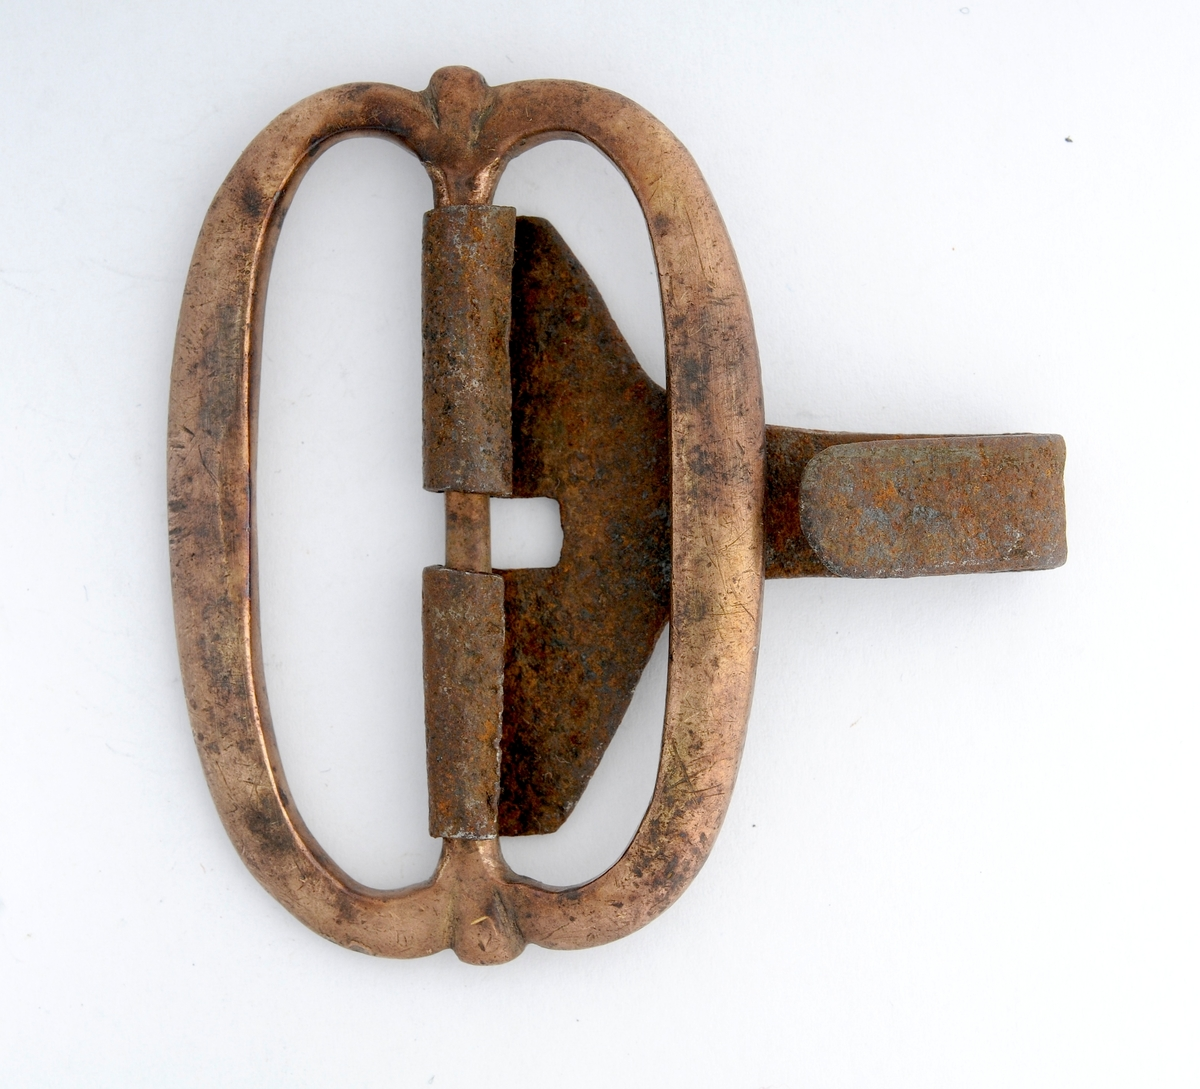 Beltespenne i messing. Oval form, ingen dekor. Stolpen er støypt i eitt med spenna. Kroken smidd i jern rundt stolpen.